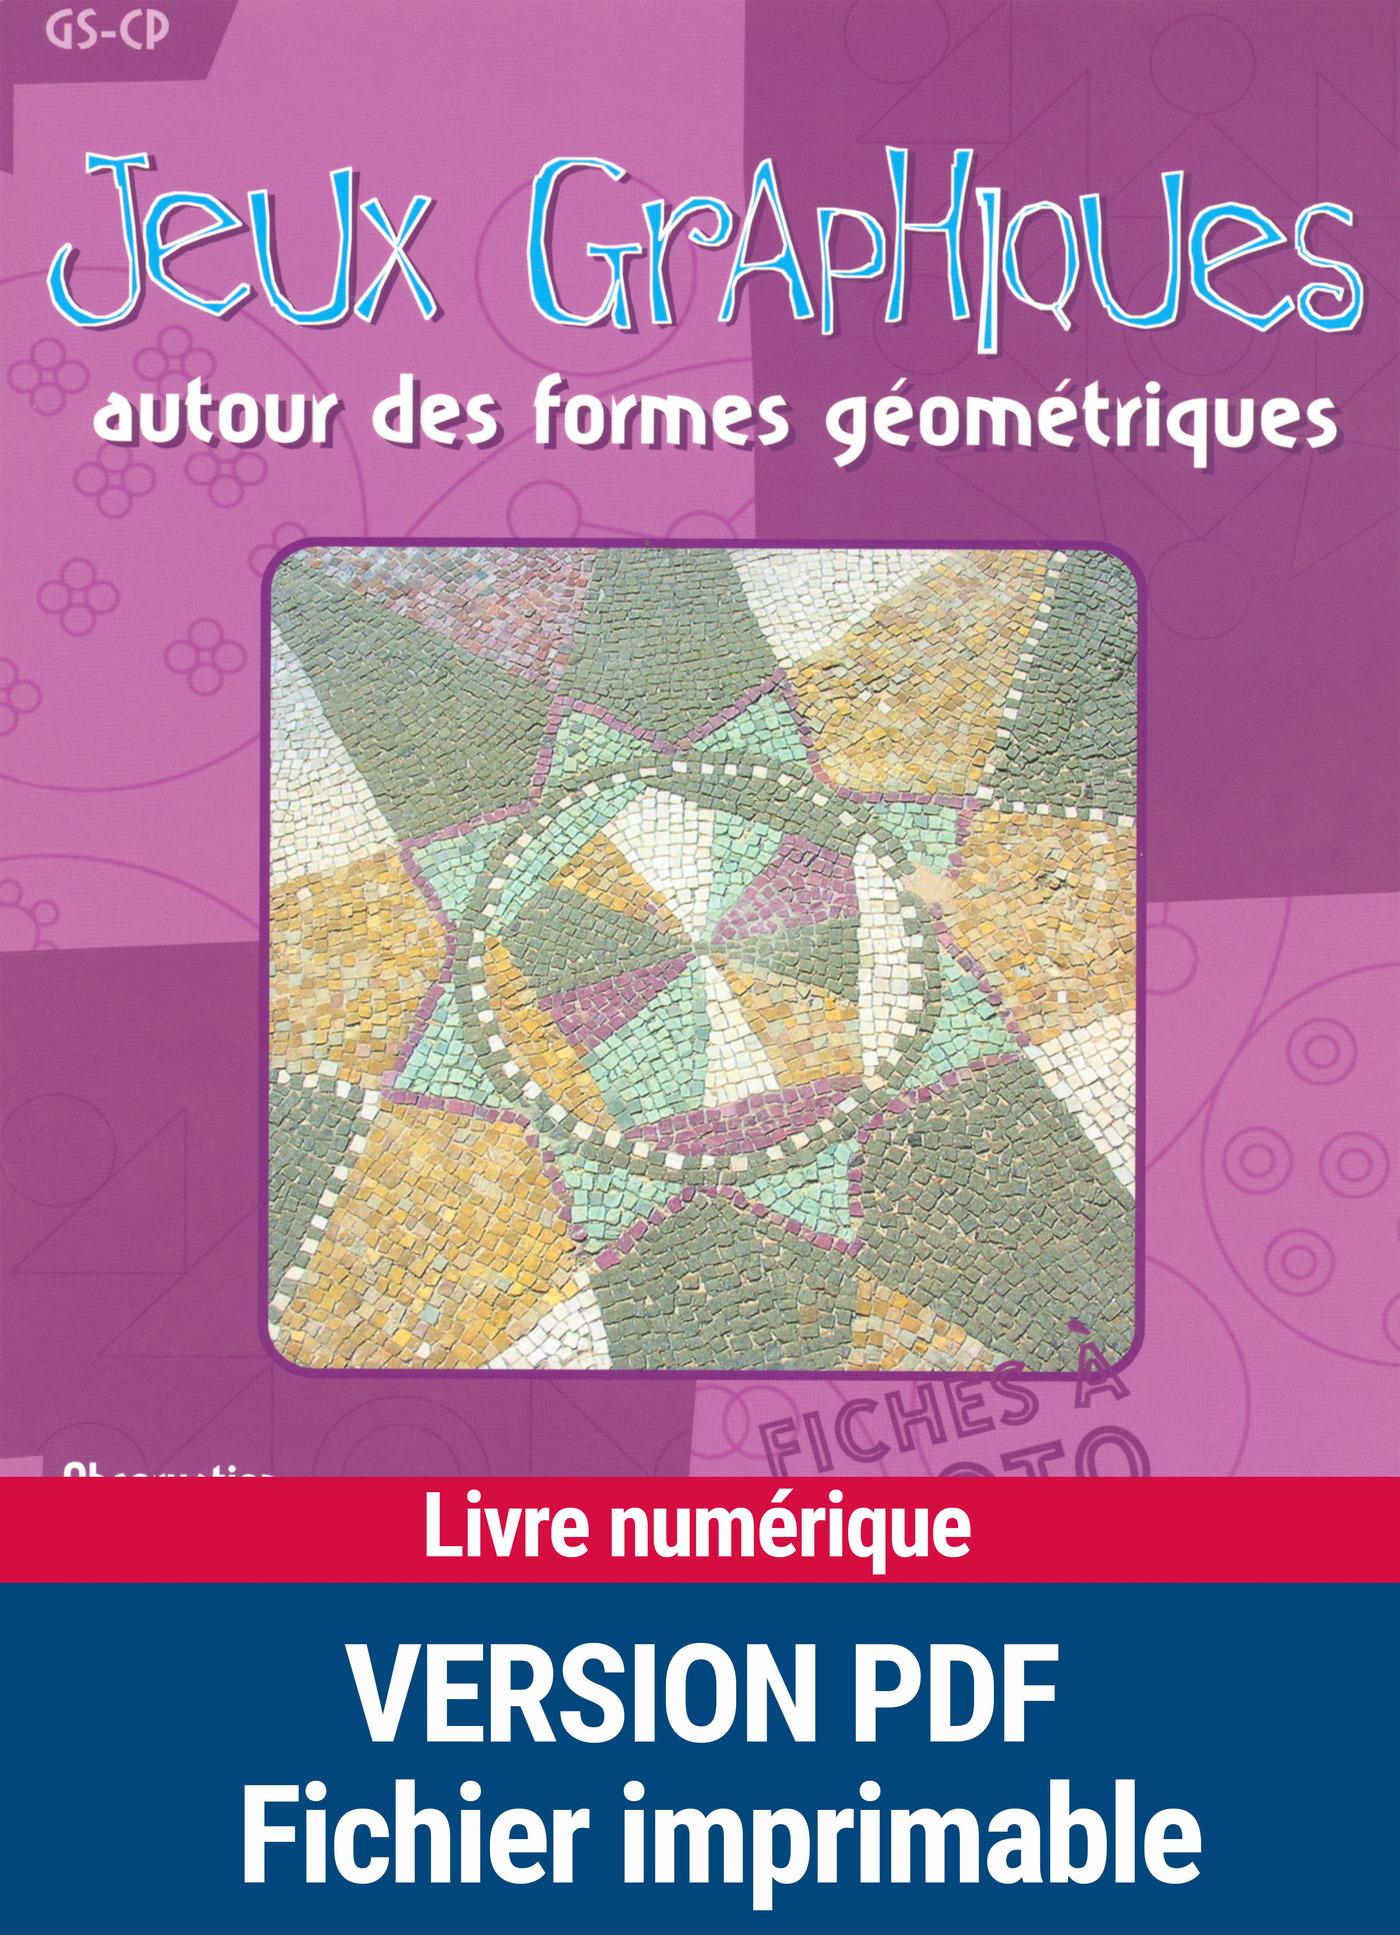 Jeux graphiques autour des formes géométriques